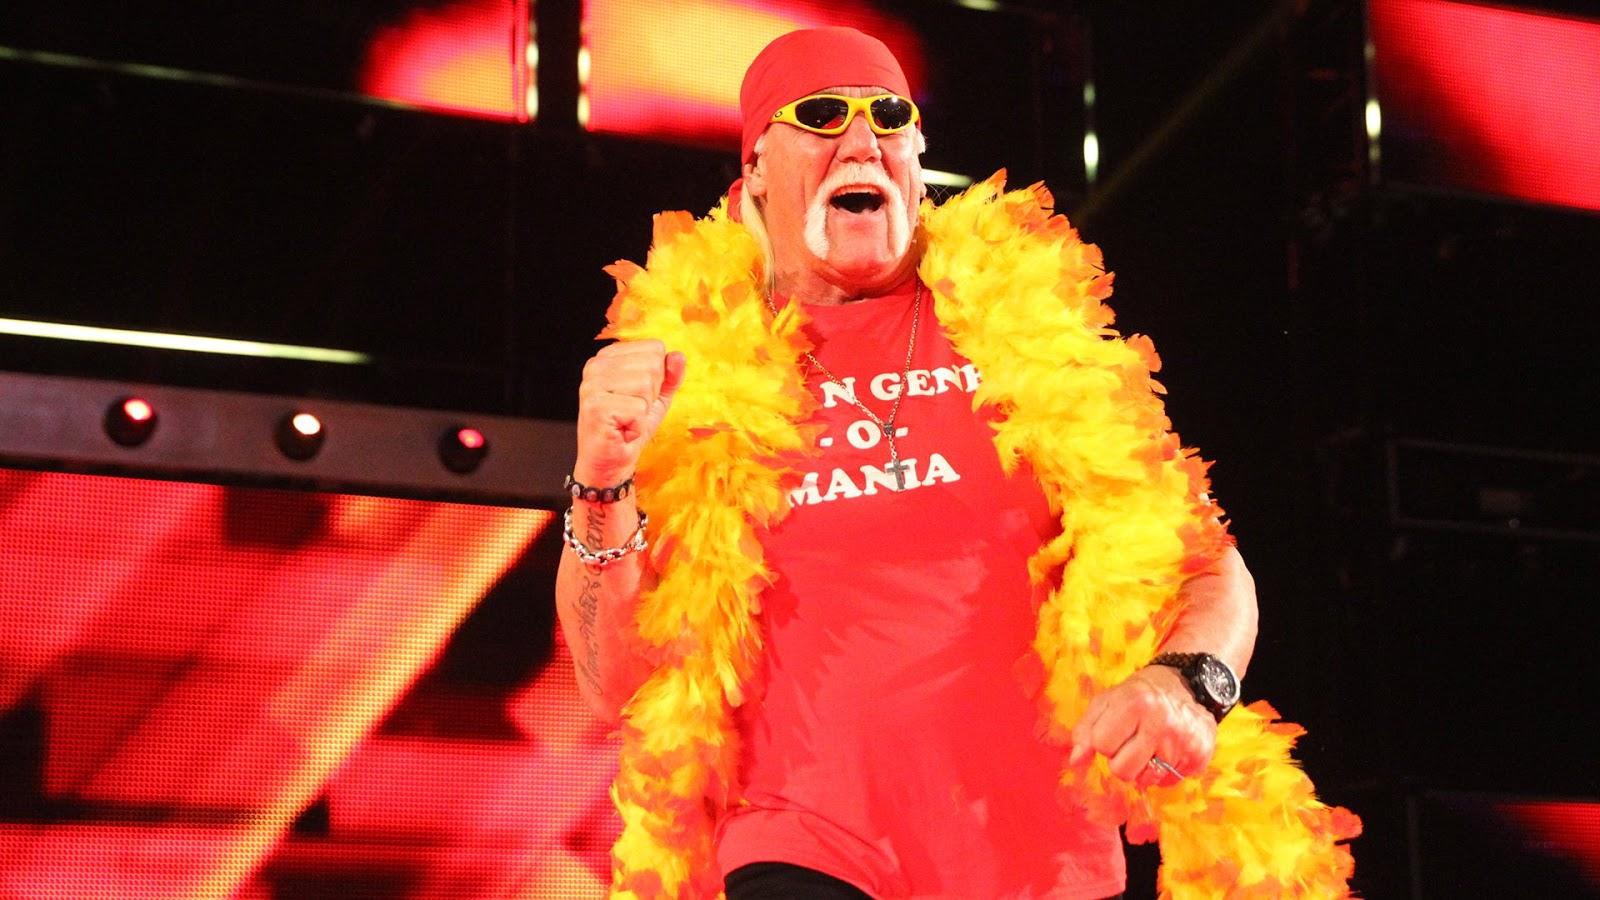 WWE e Hulk Hogan negociaram participação na WrestleMania 36